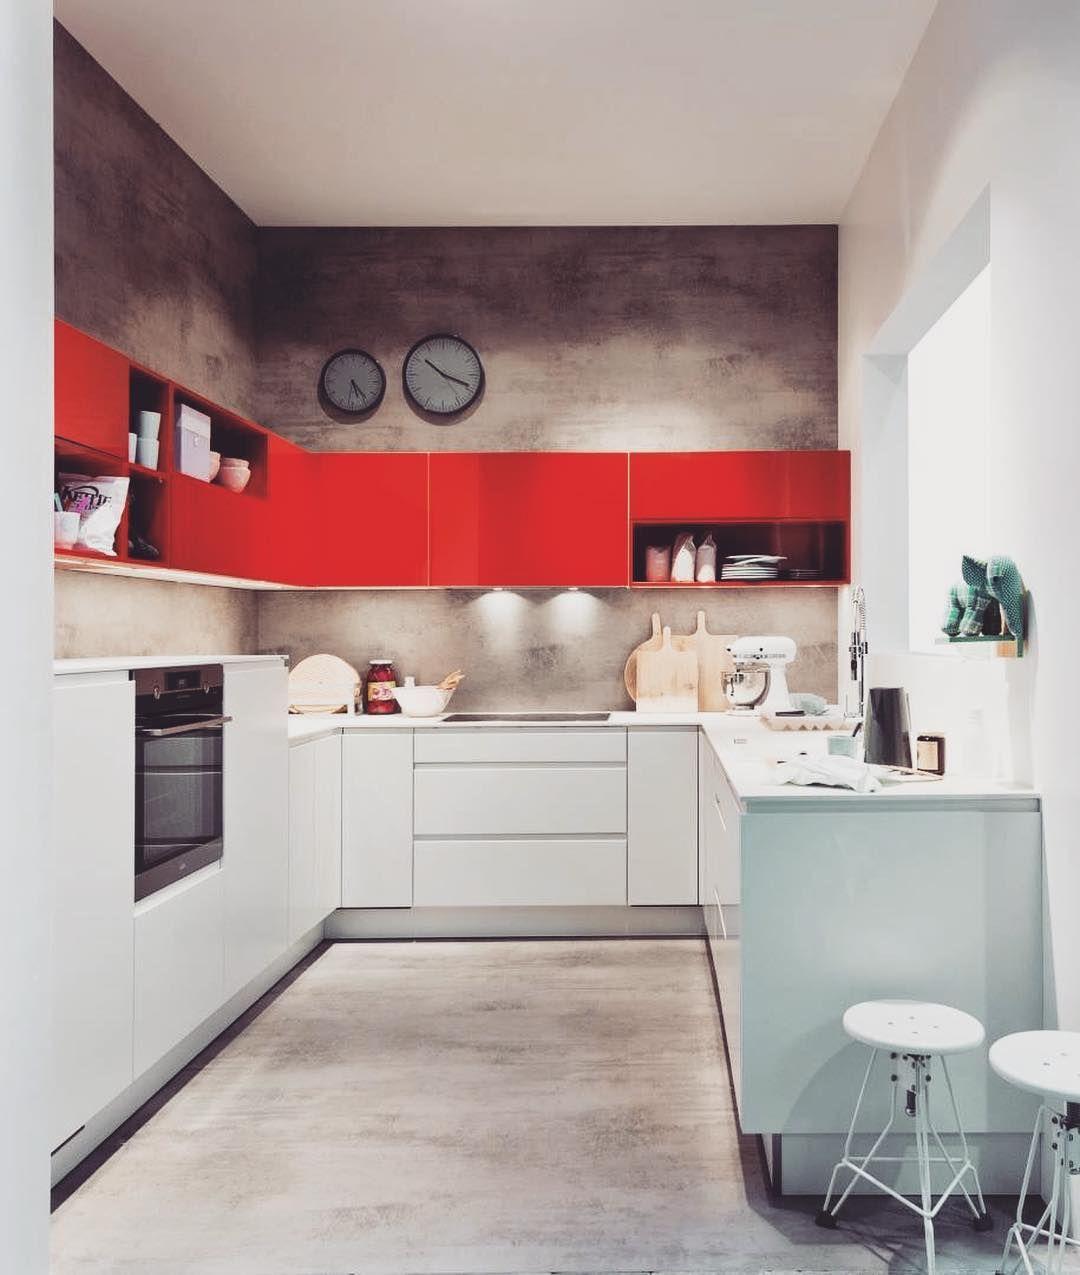 Jesli Lubicie Mocne Energetyzujace Kolory To Idealna Propozycja Dla Was Czerwone Fronty Przyciagaja Uwage Ale Nie Sa Cuisine Design Kitchen Cabinets Kitchen